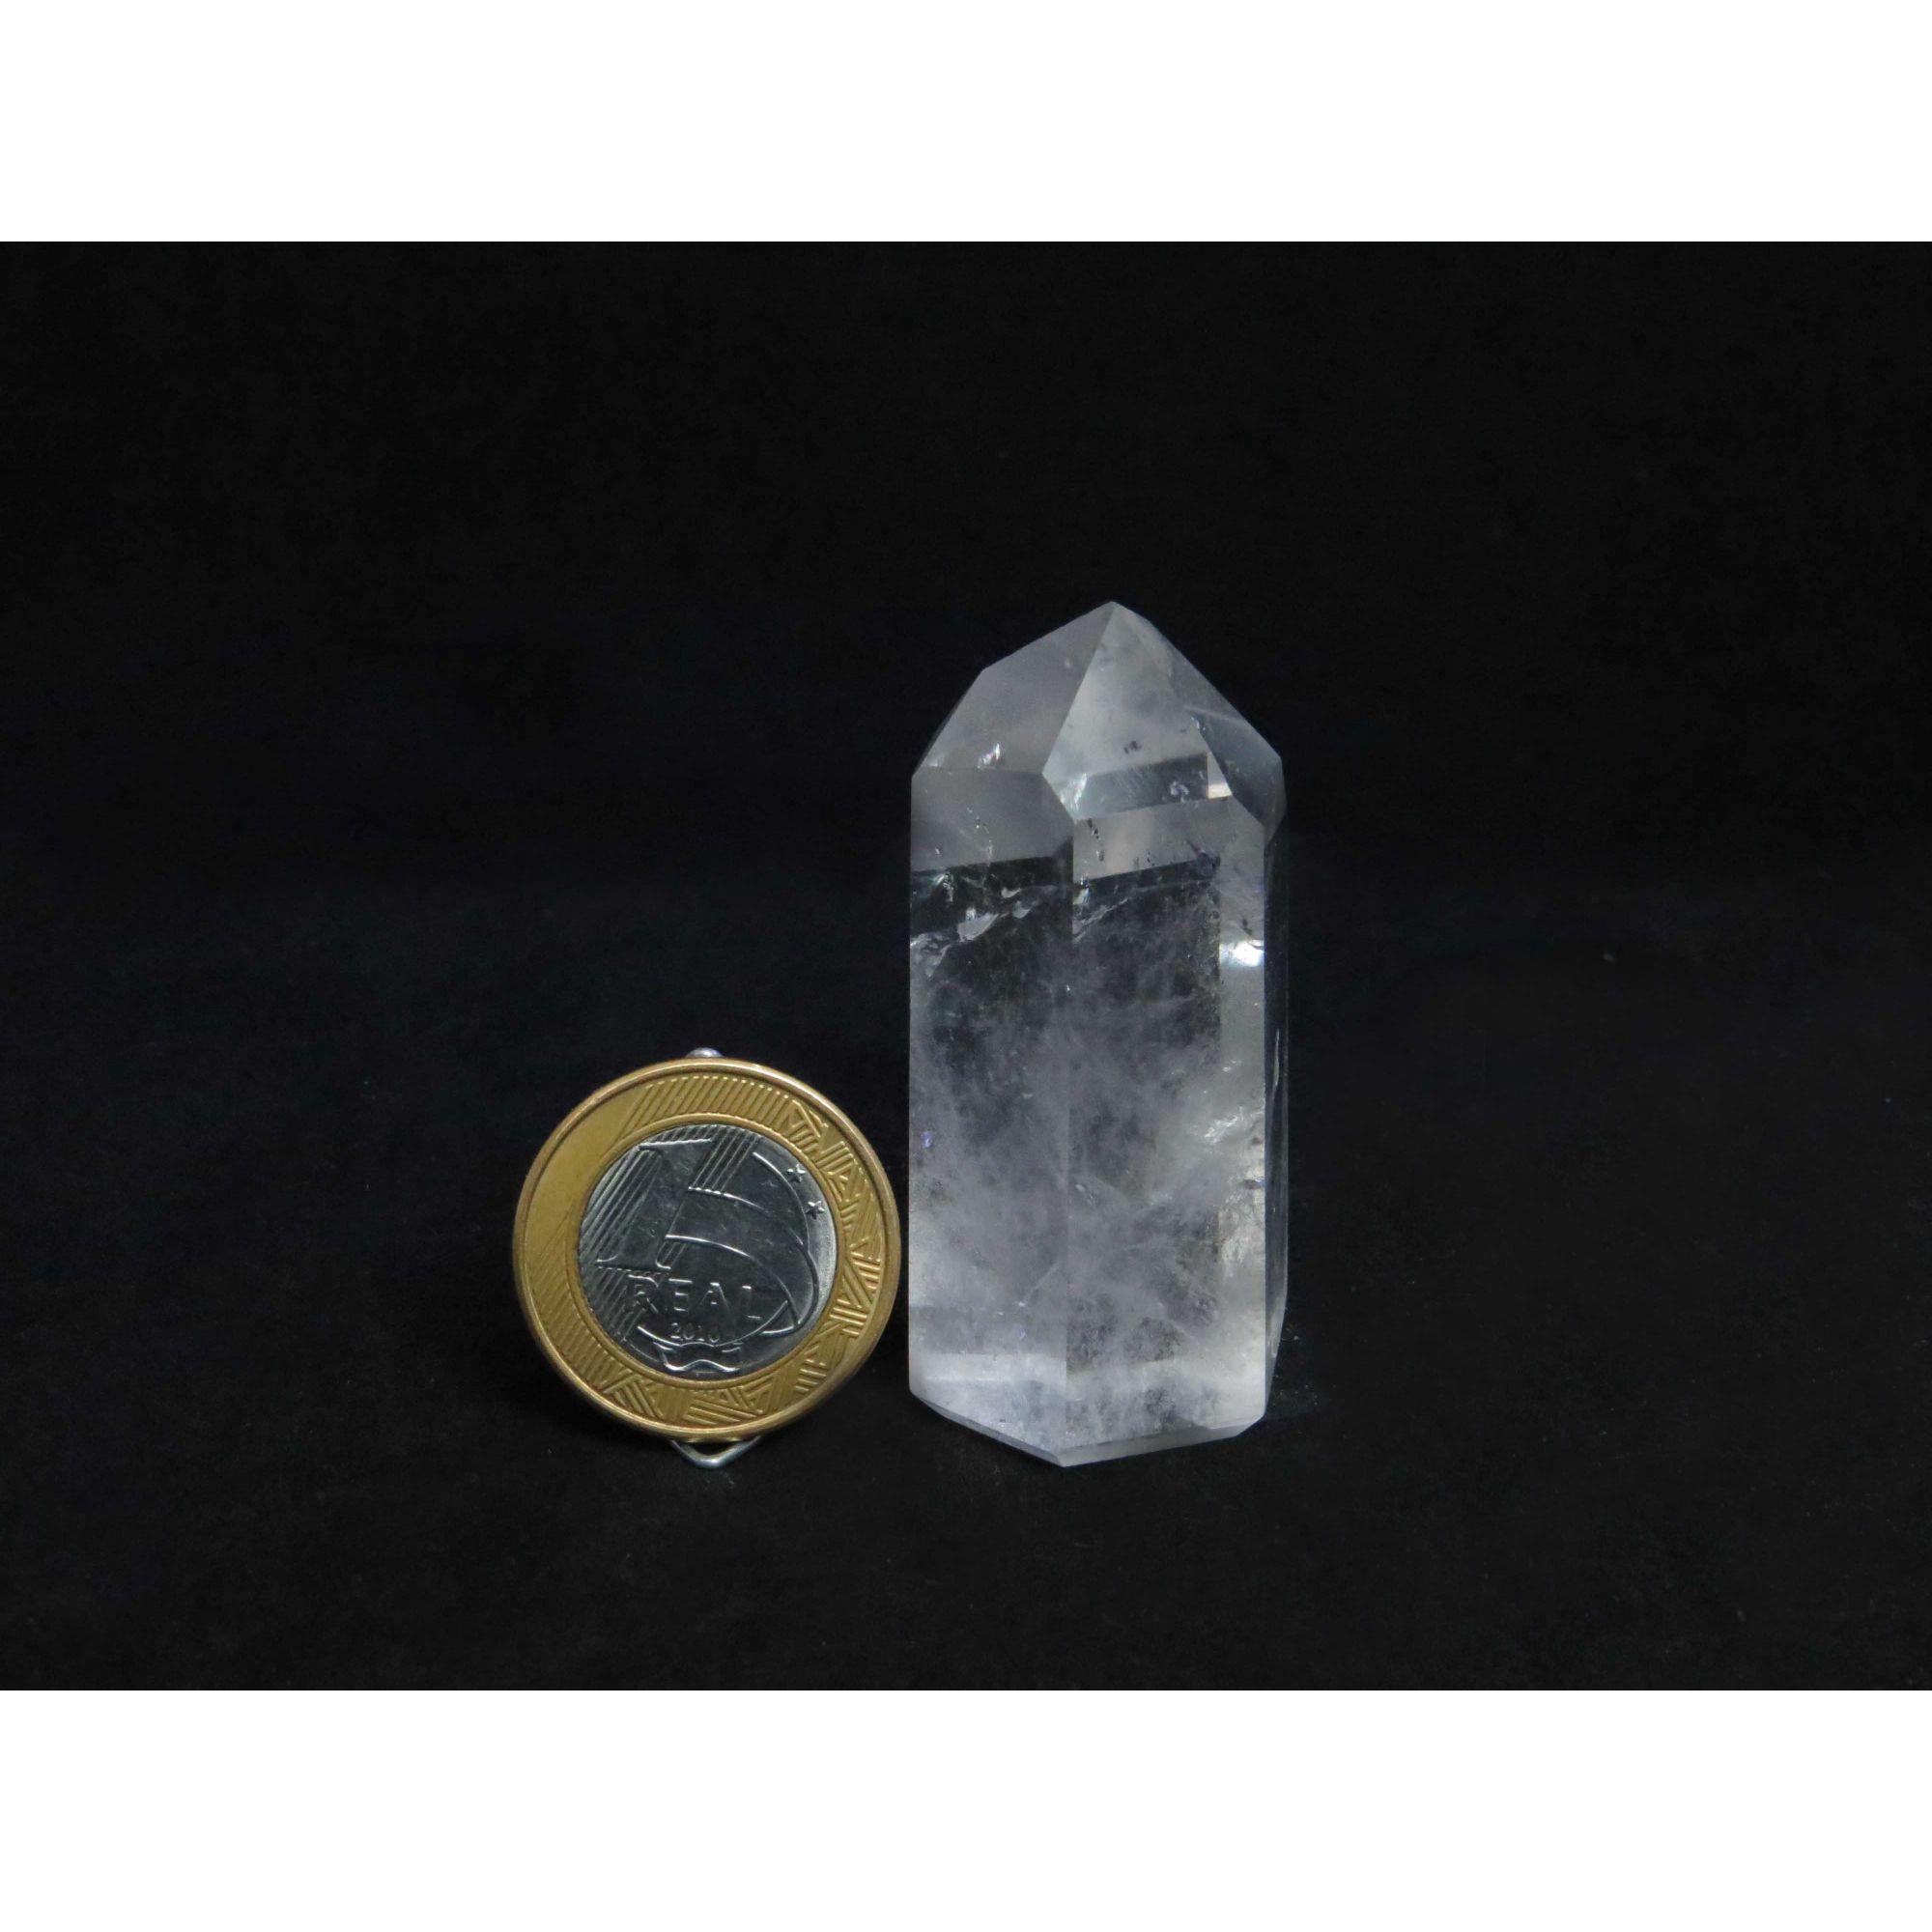 Cristal Ponta Polida | Q.02 - 4 a 5 cm